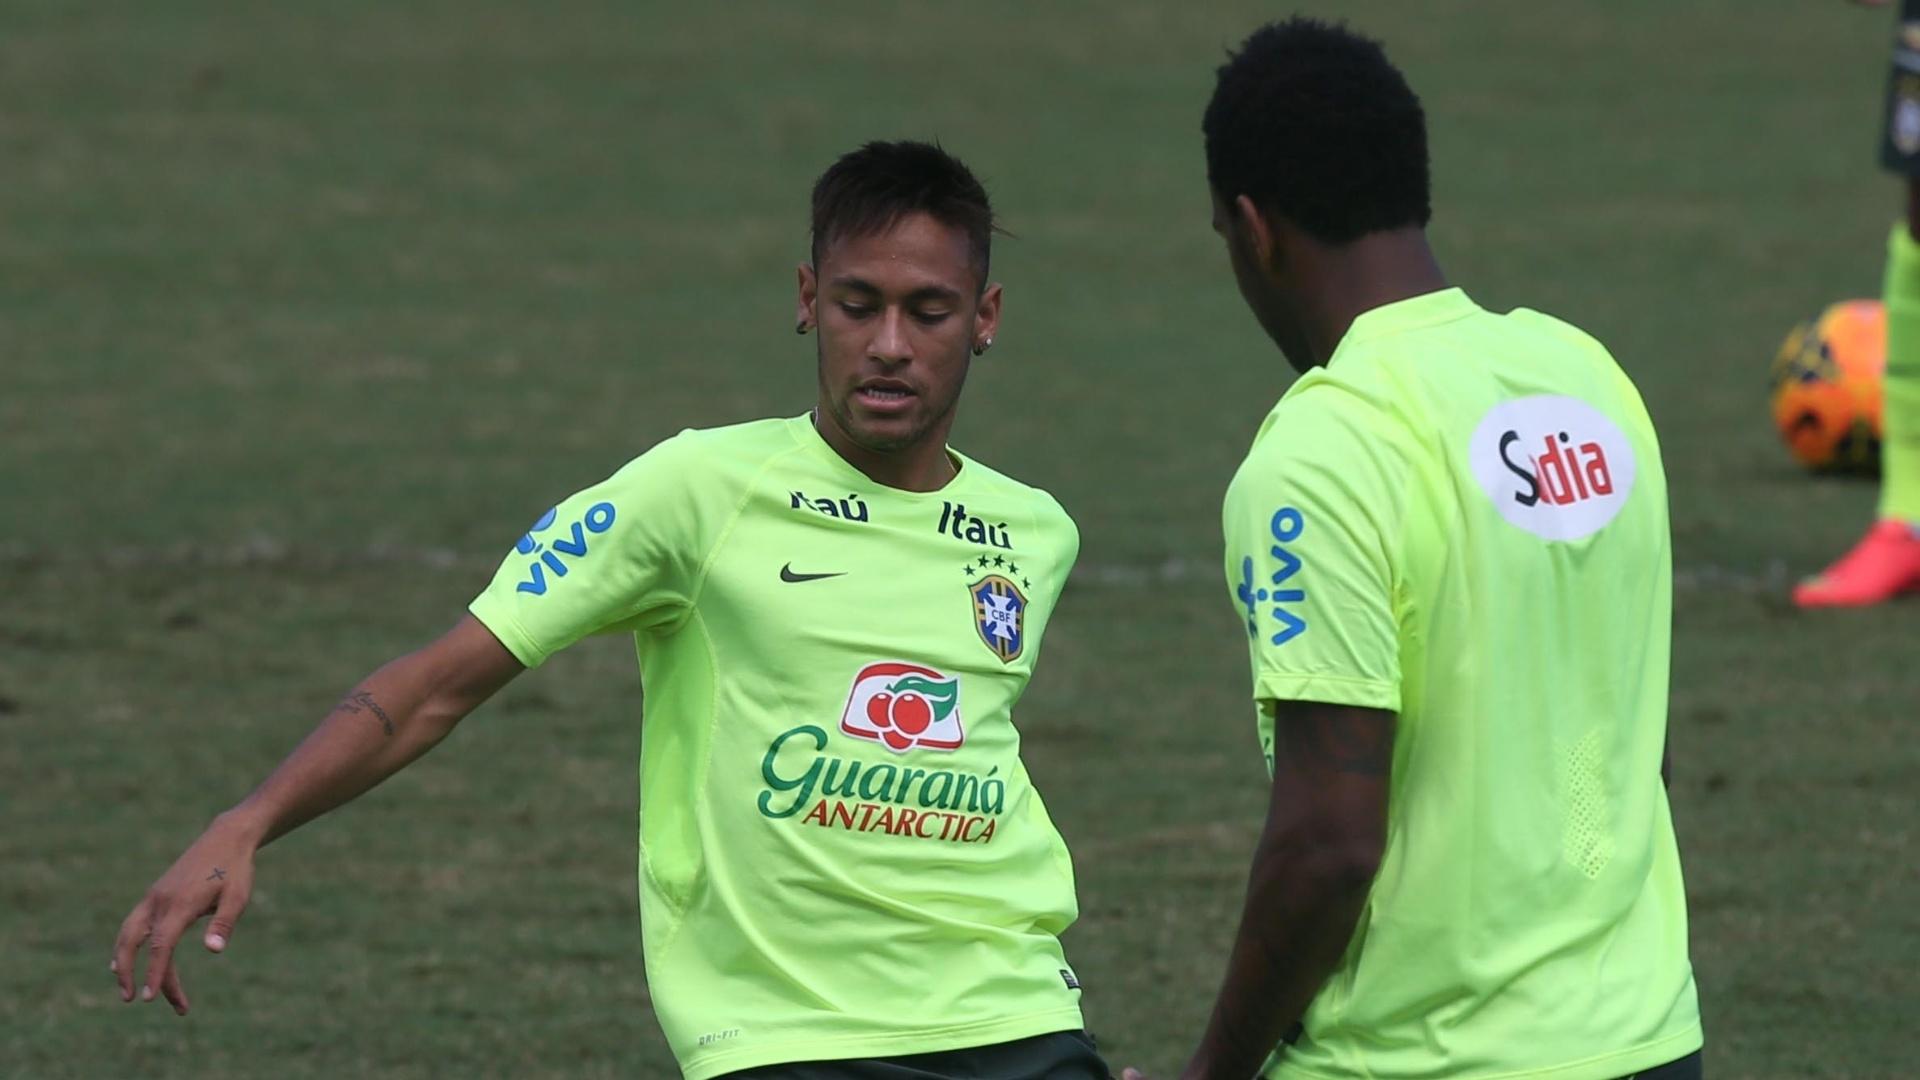 Novo capitão da seleção, Neymar dribla em treinamento